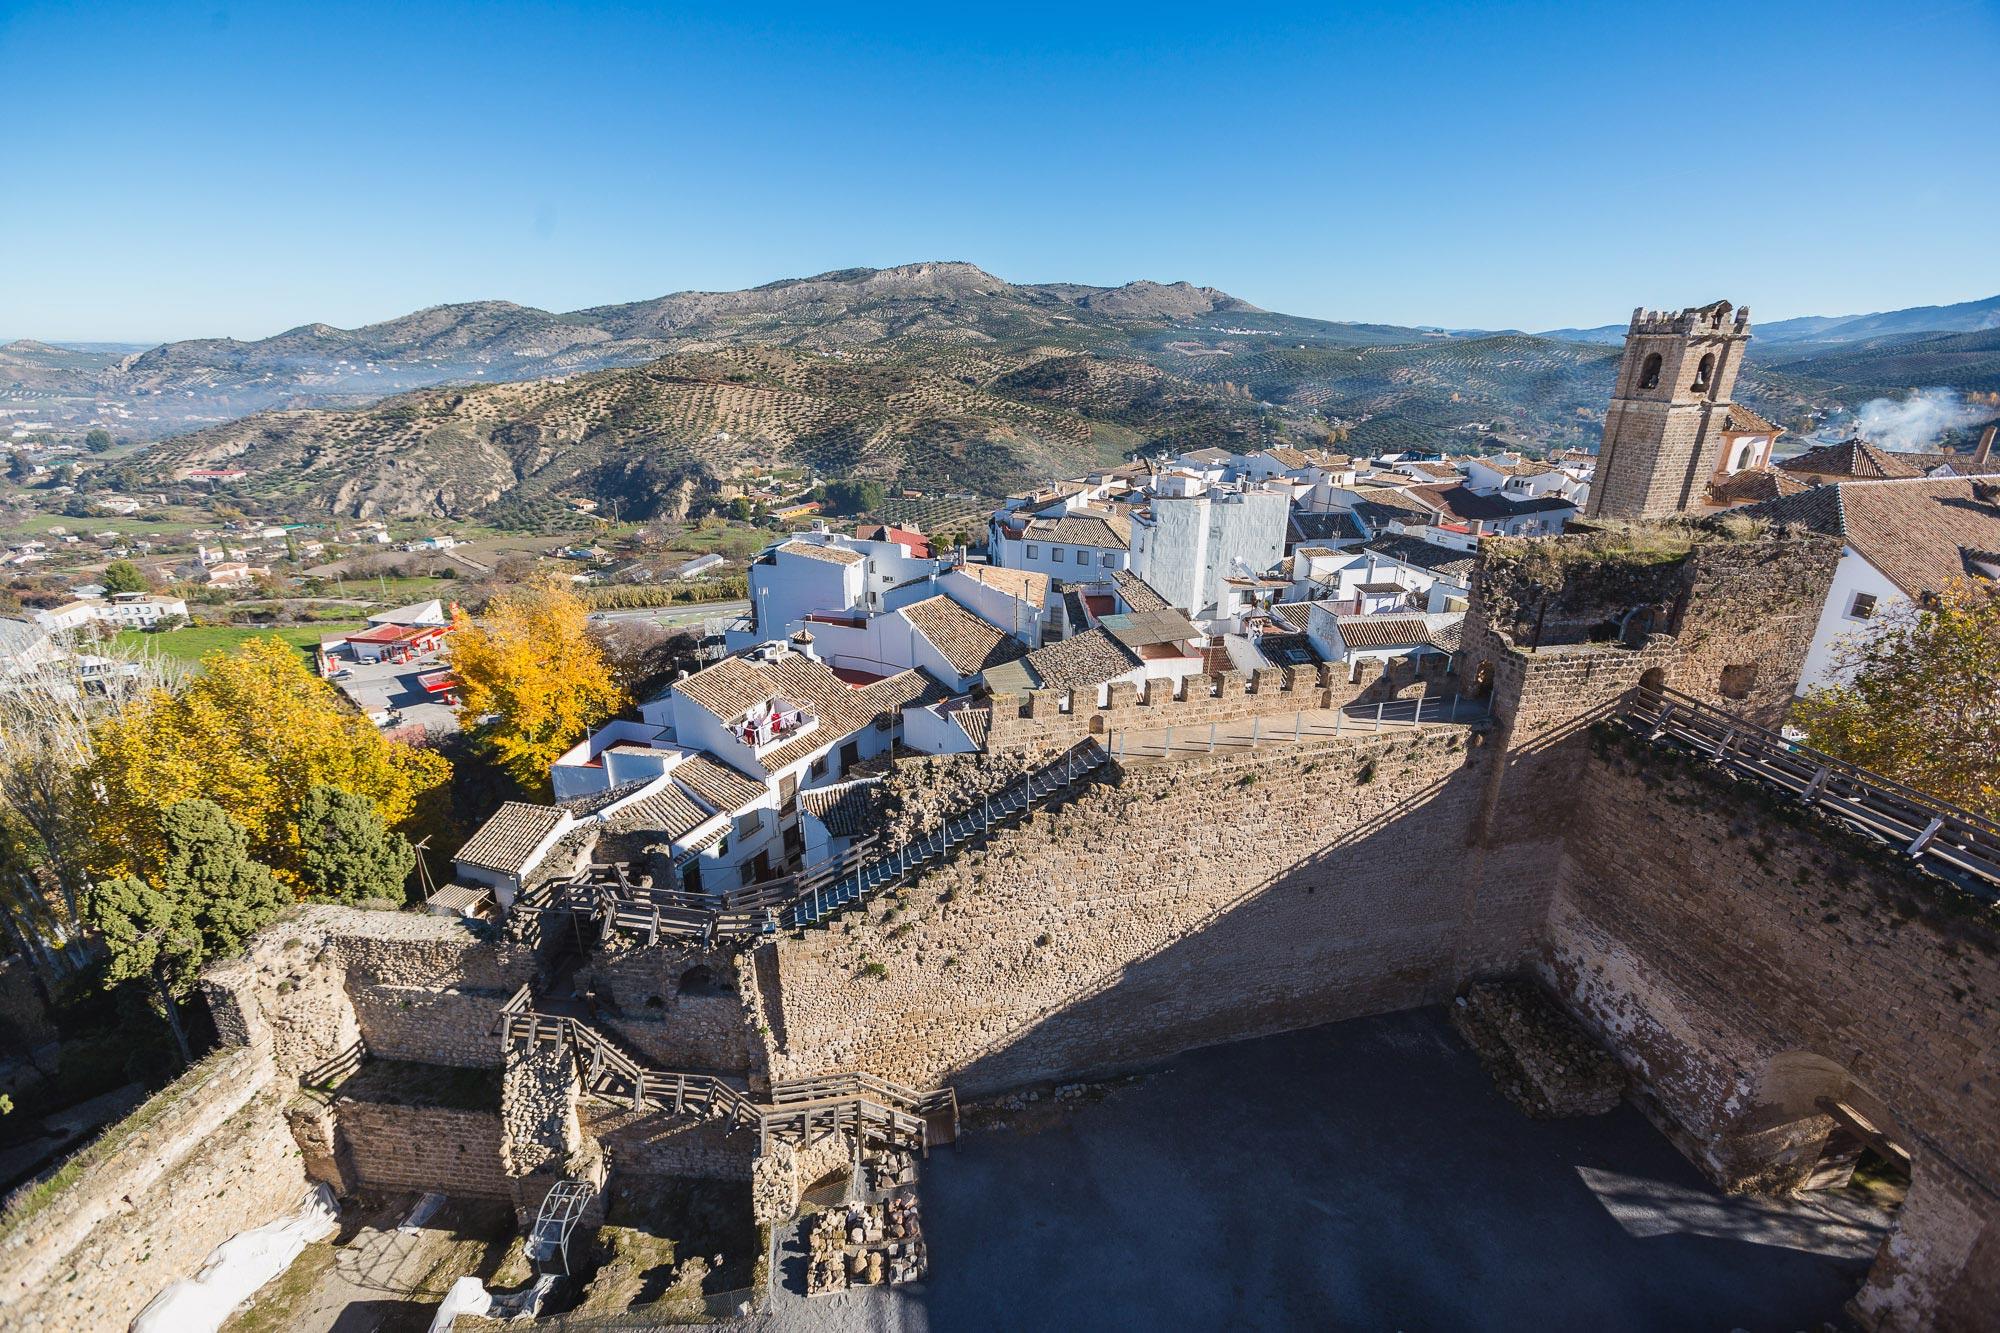 Las vistas desde la muralla del castillo no decepcionan.